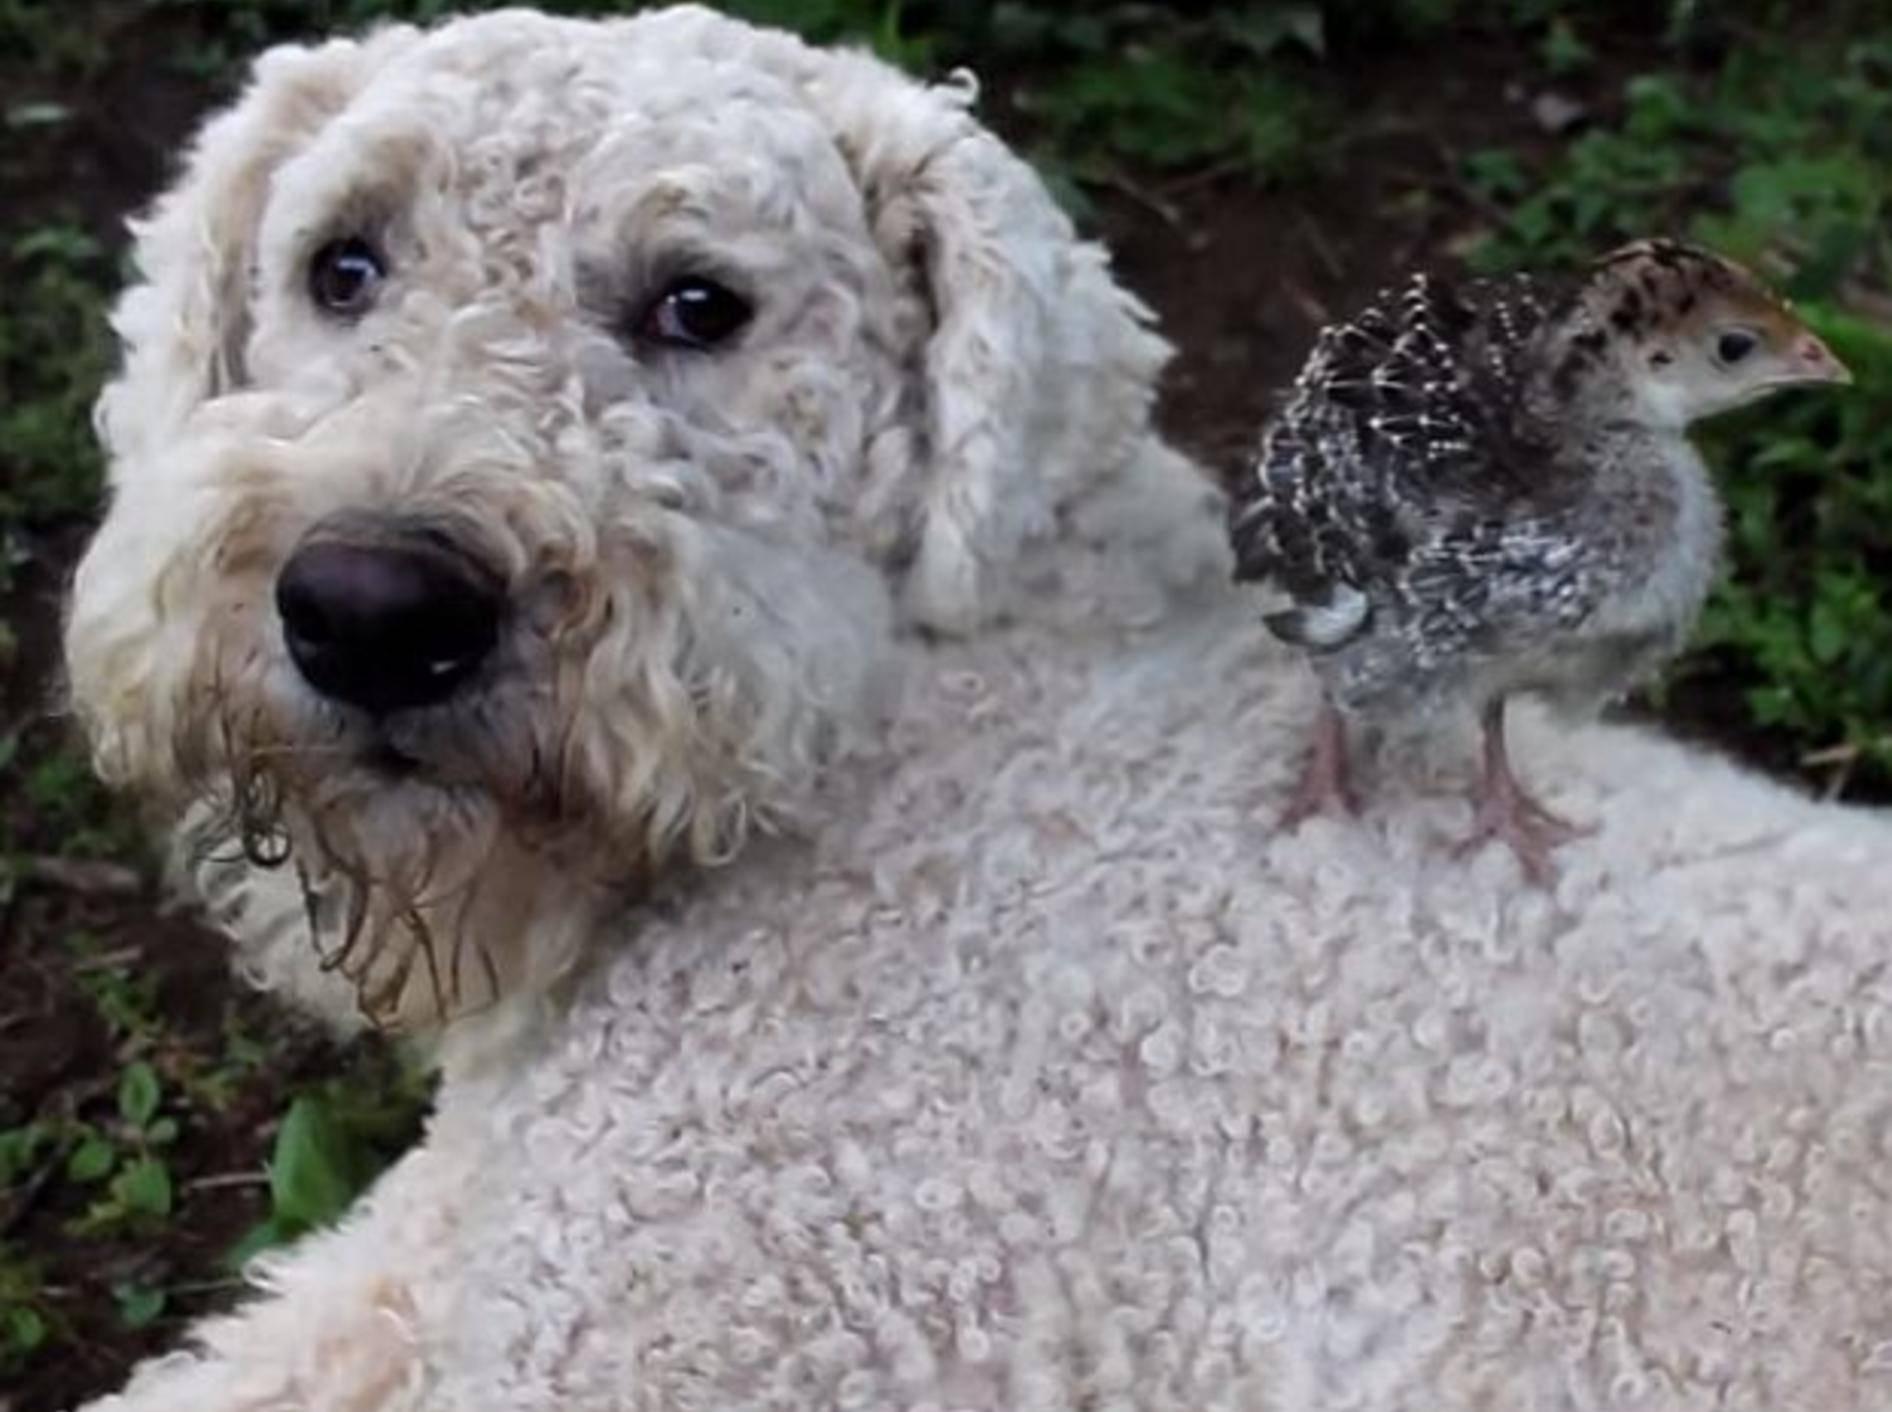 Zwei tierische Babysitter jobben auf dem Bauernhof – Bild: Youtube / Lil'Critterz